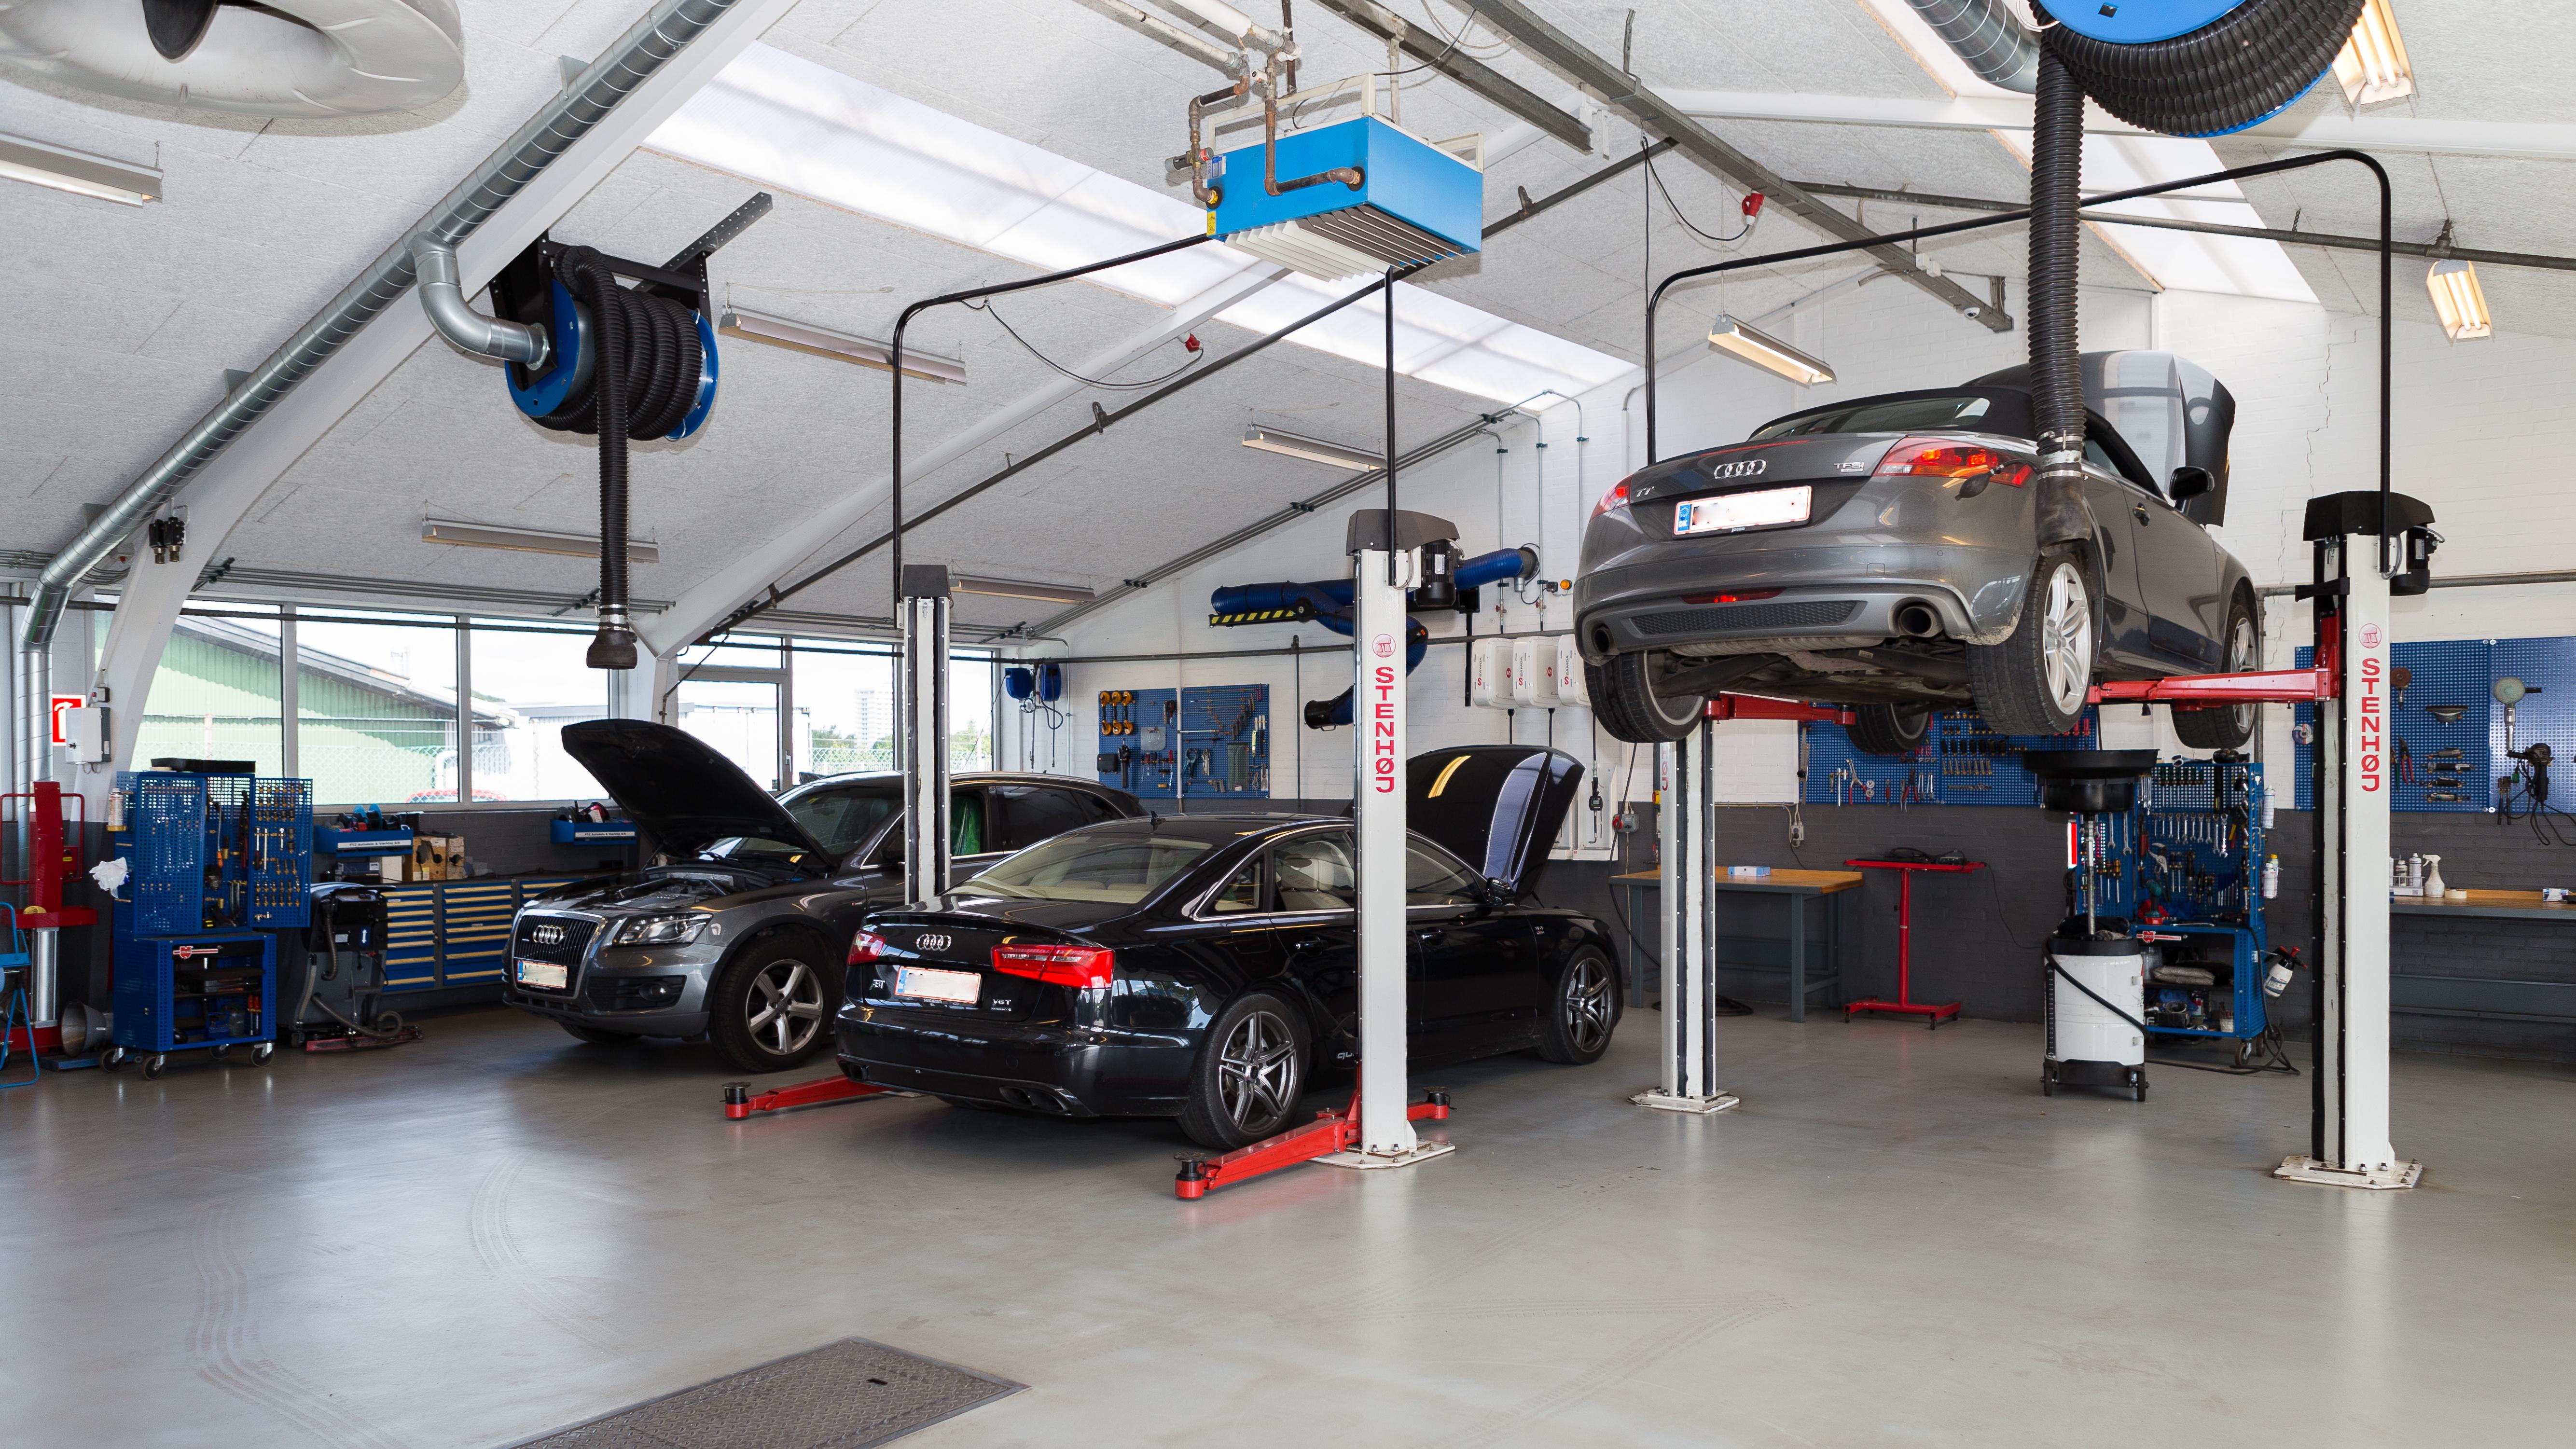 Vi er ikke bange for at sige – bare bedre bilværksted! autoreparationer